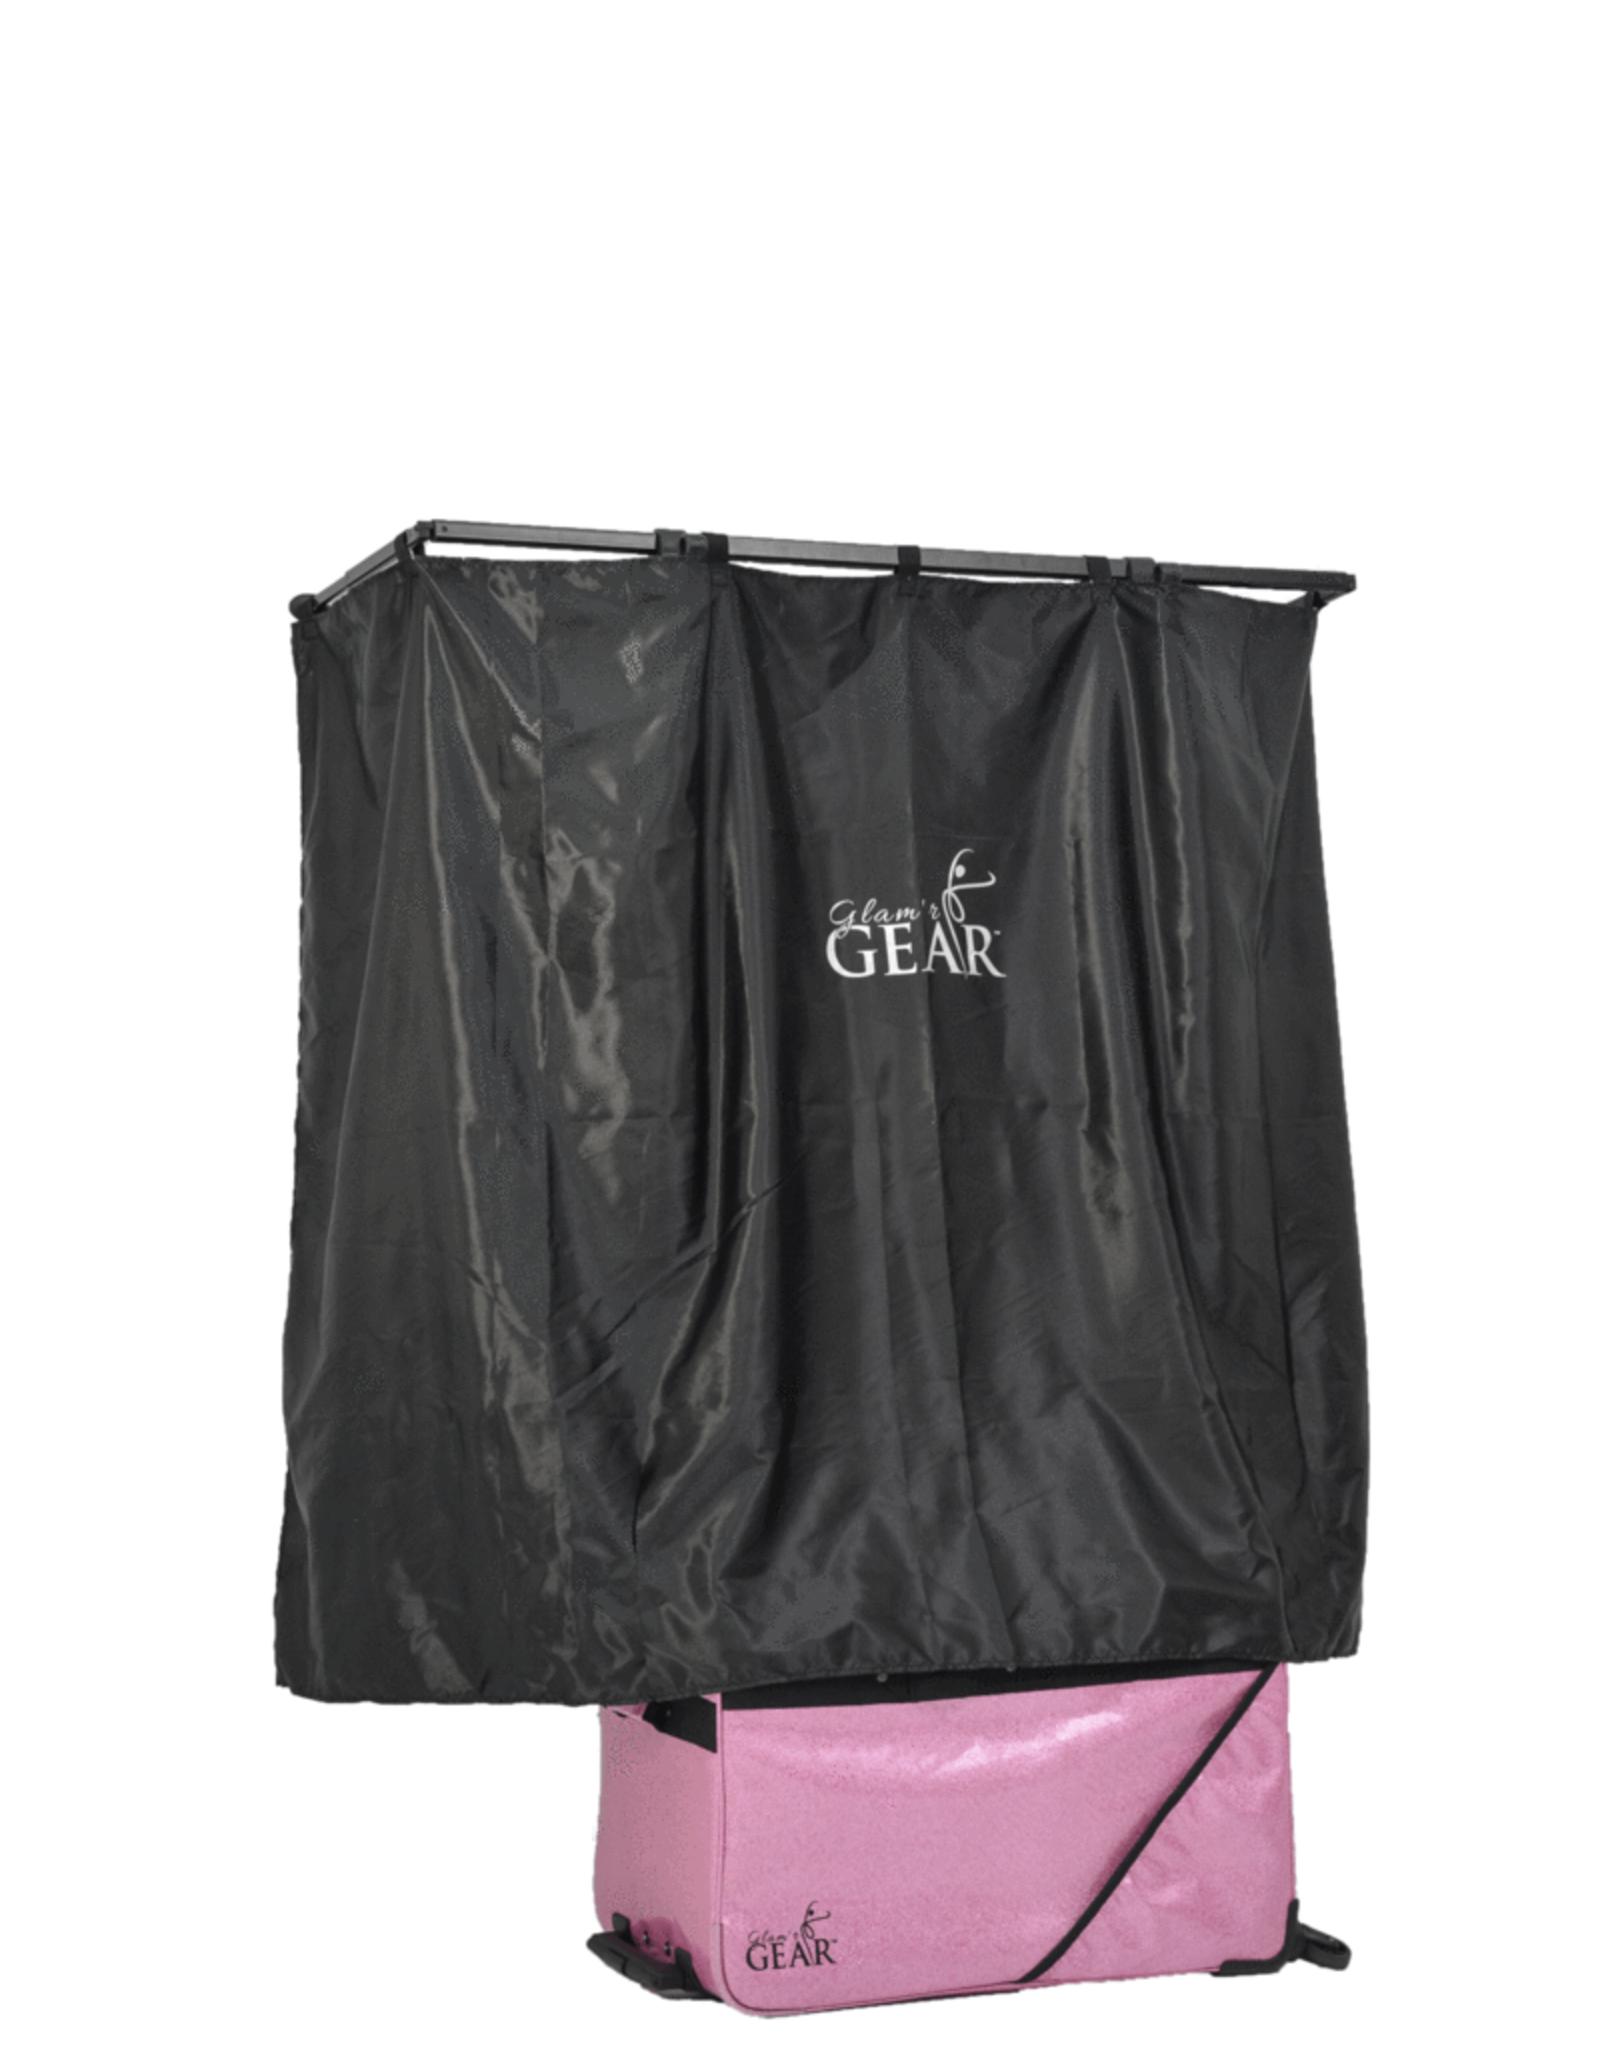 Glam'r Gear Glam'r Gear uHide Privacy Standard Curtain